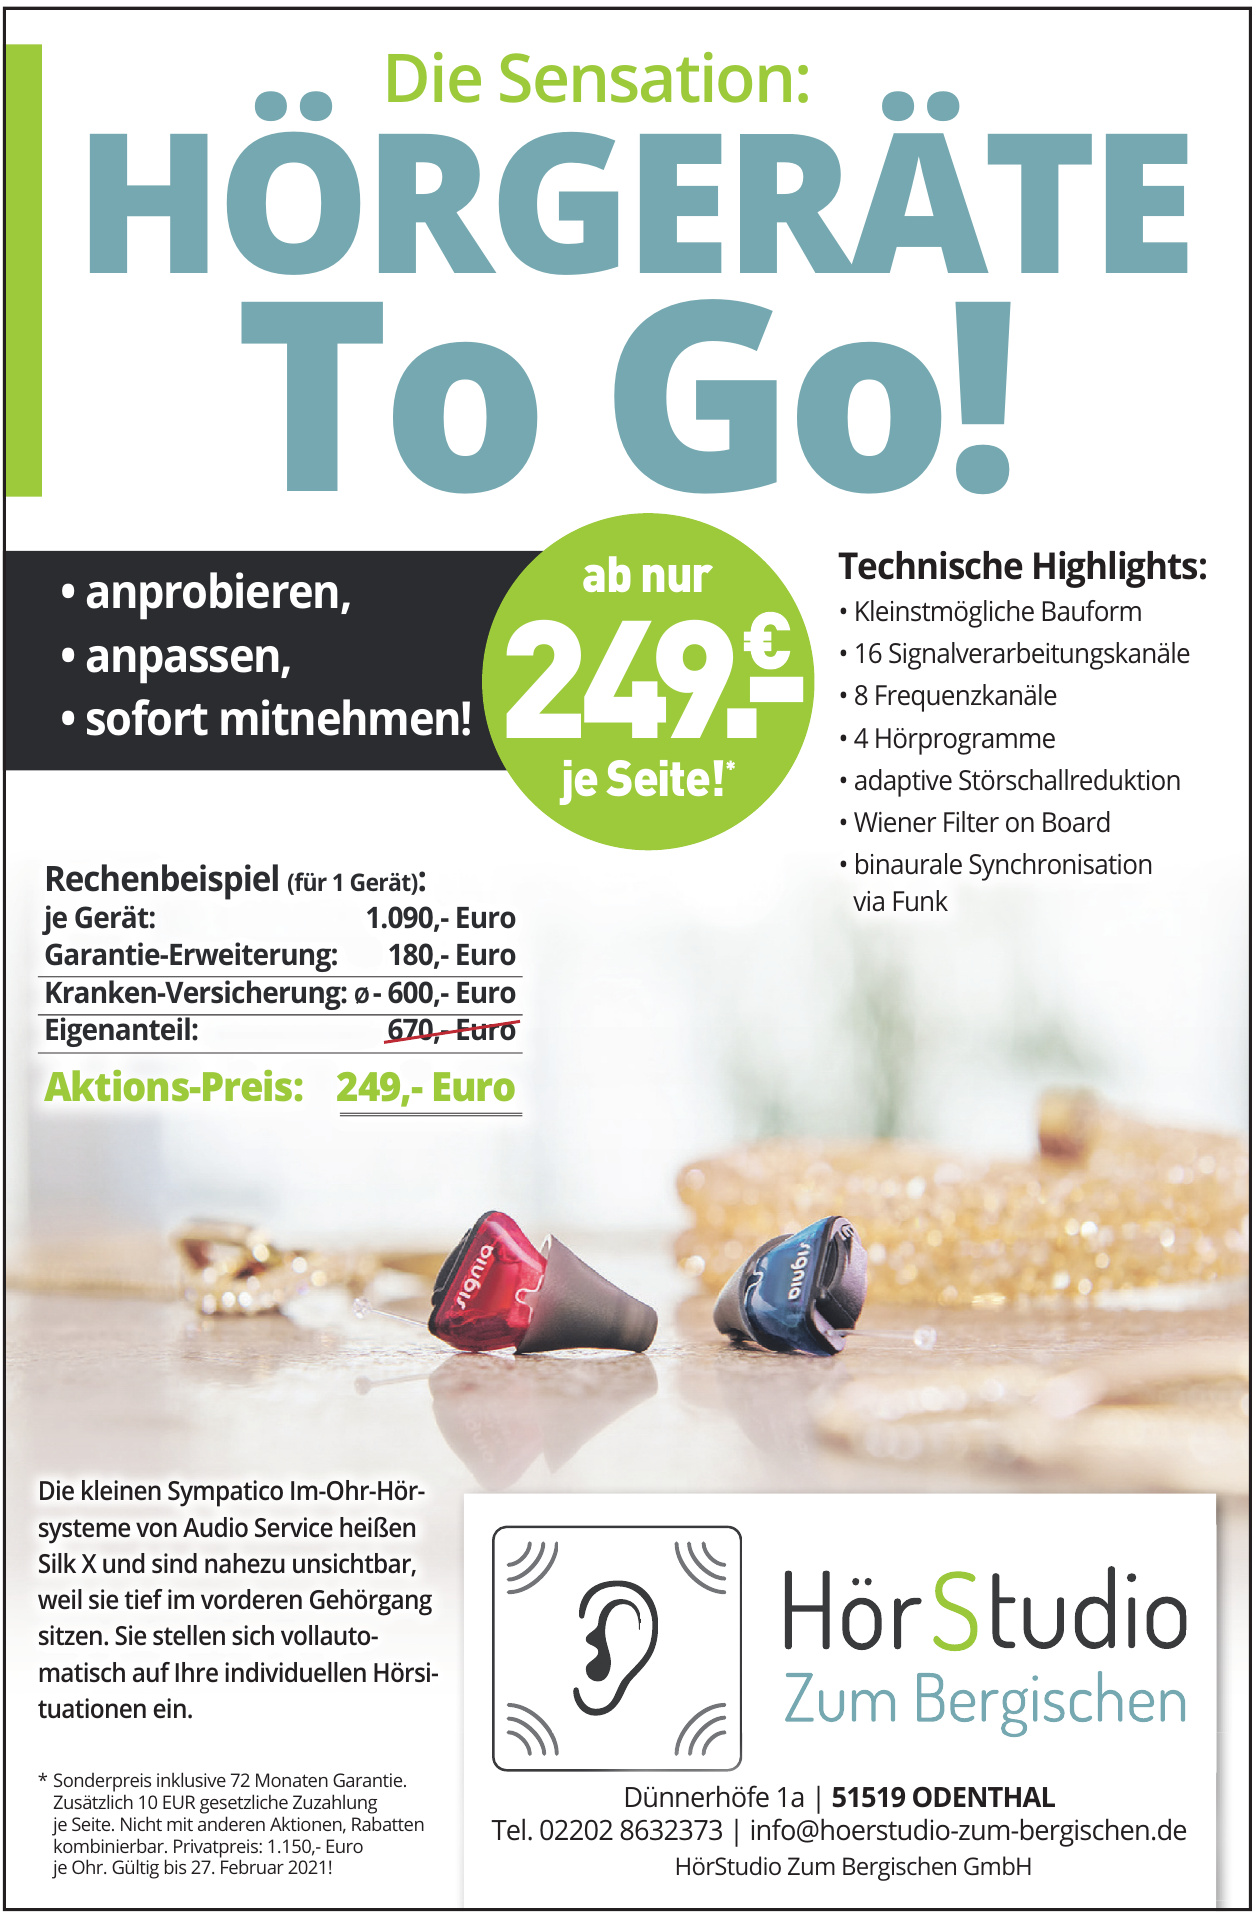 HörStudio Zum Bergischen GmbH